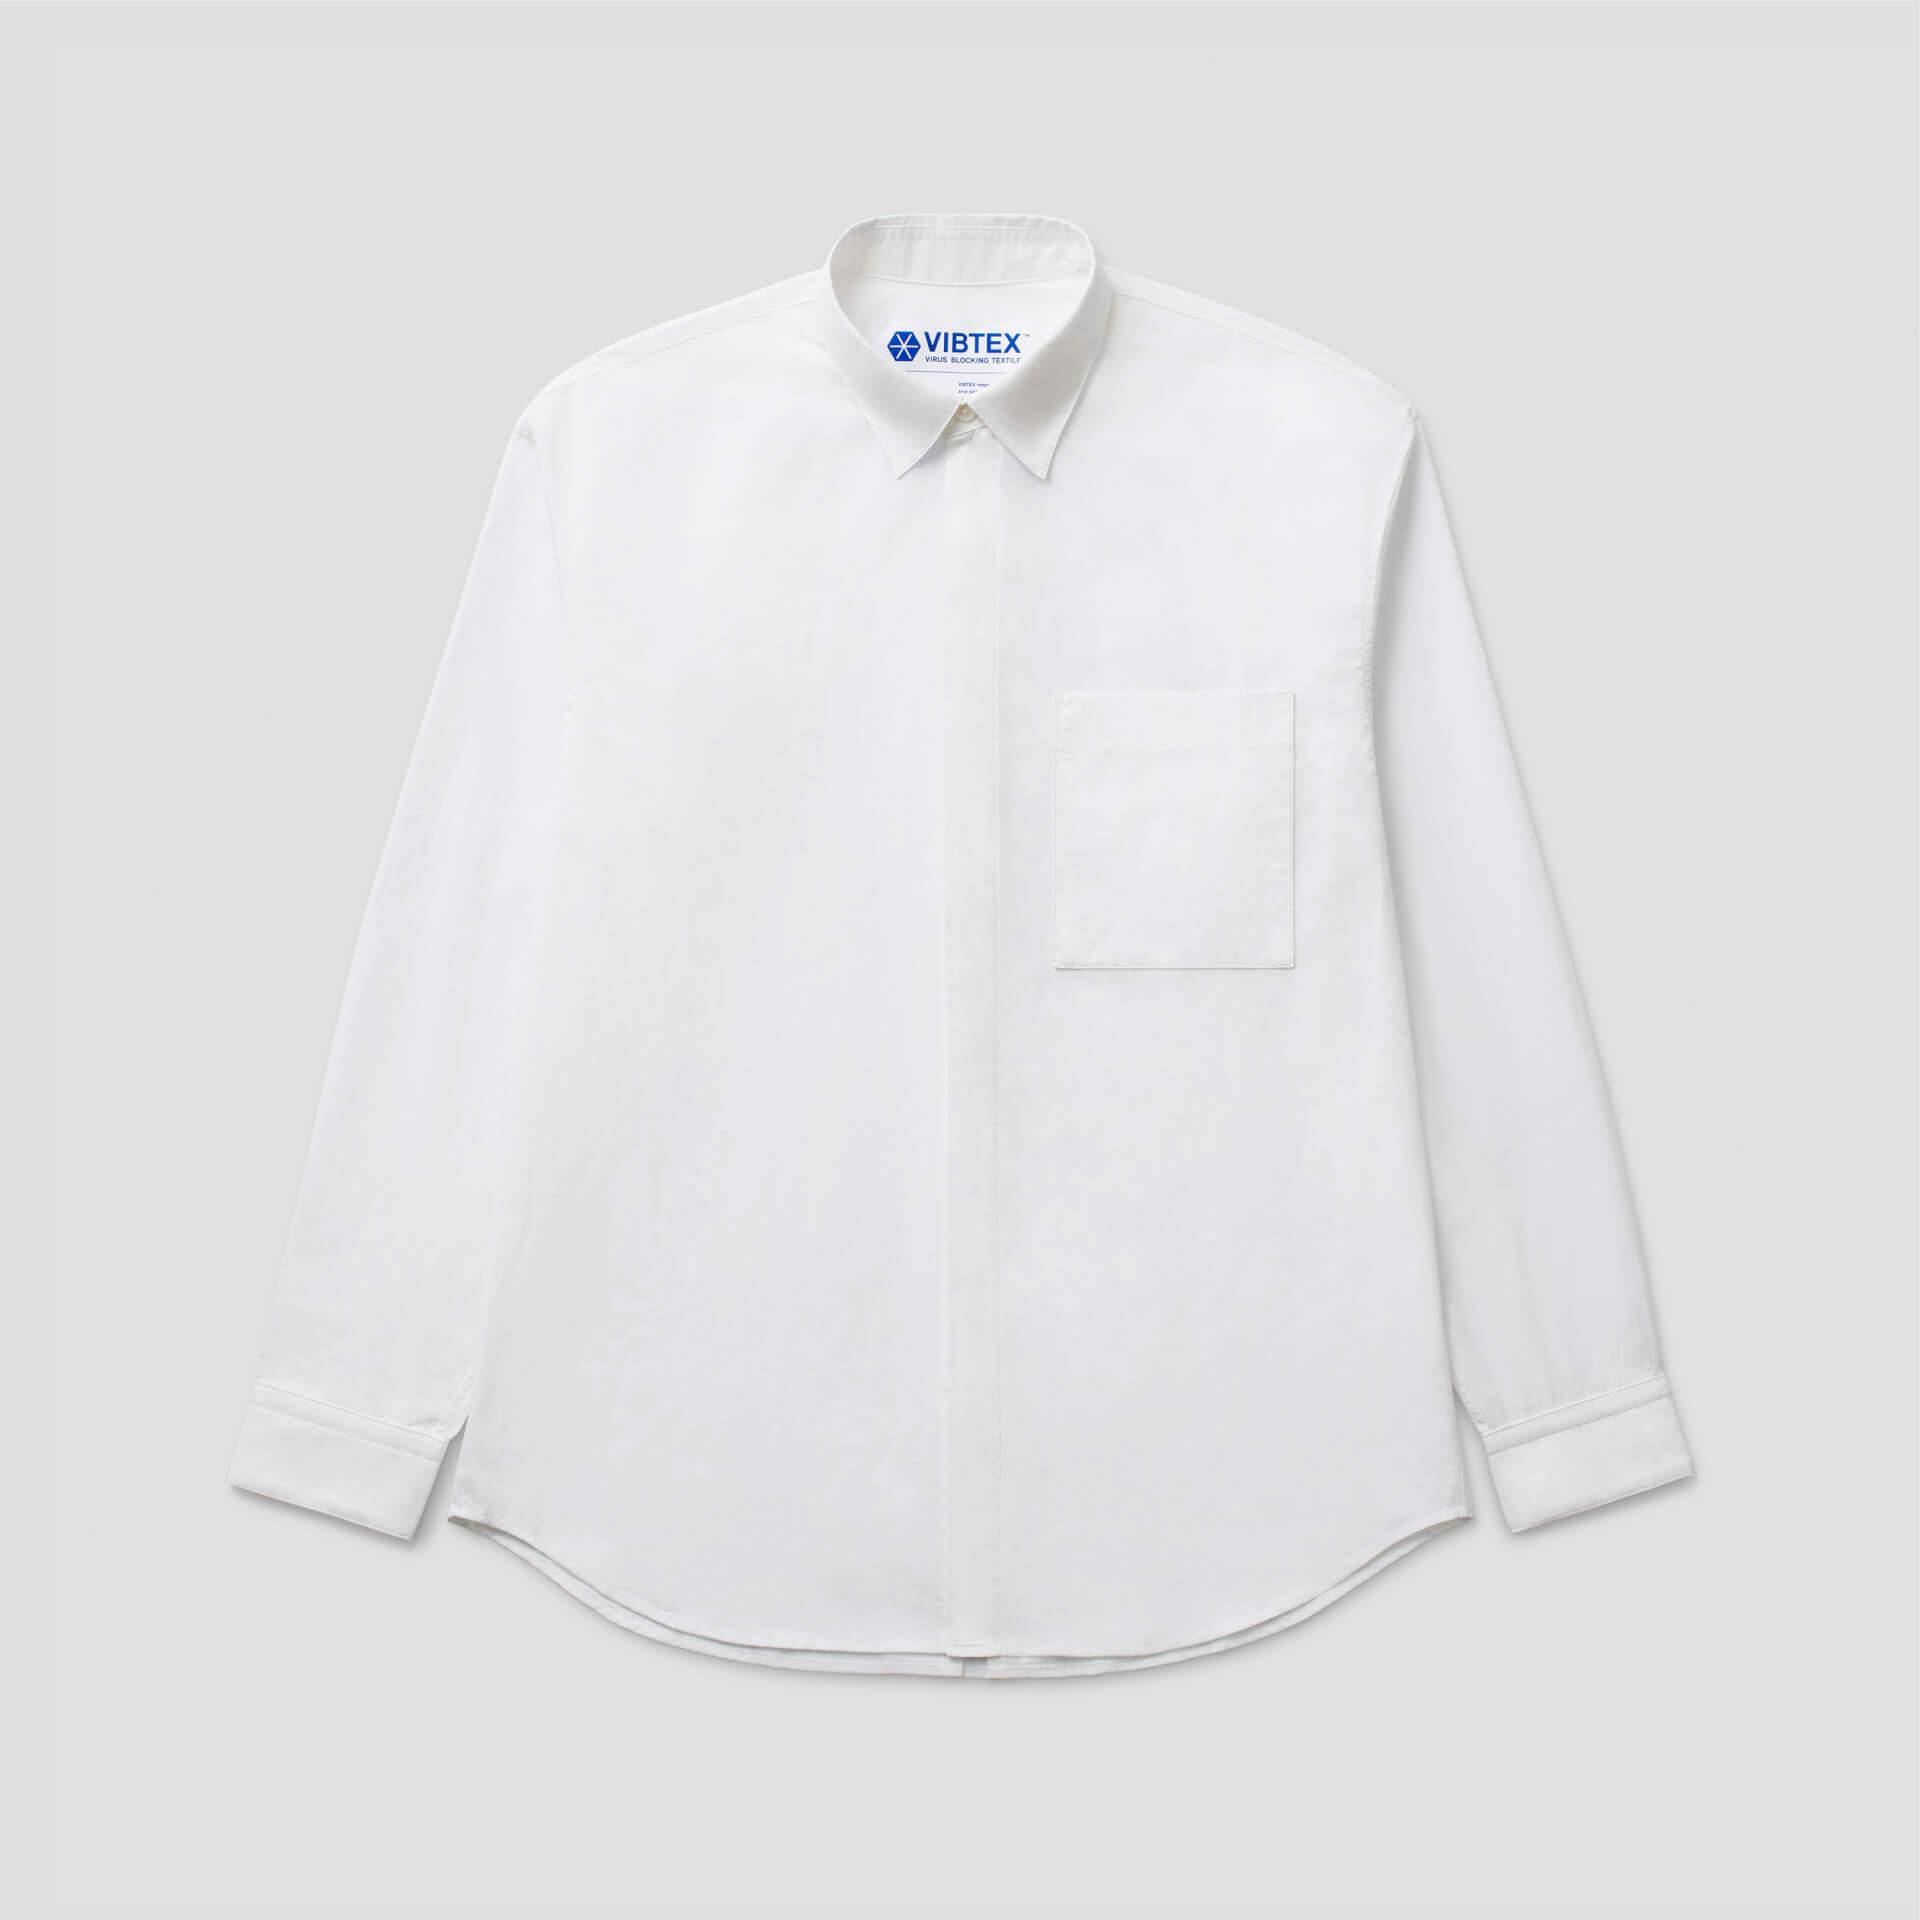 日本初の抗ウイルス機能を備えたアイテムが満載!「VIBTEX™」が誕生&コンセプトビジュアルにchelmico就任 fashion2020910-vibtex45